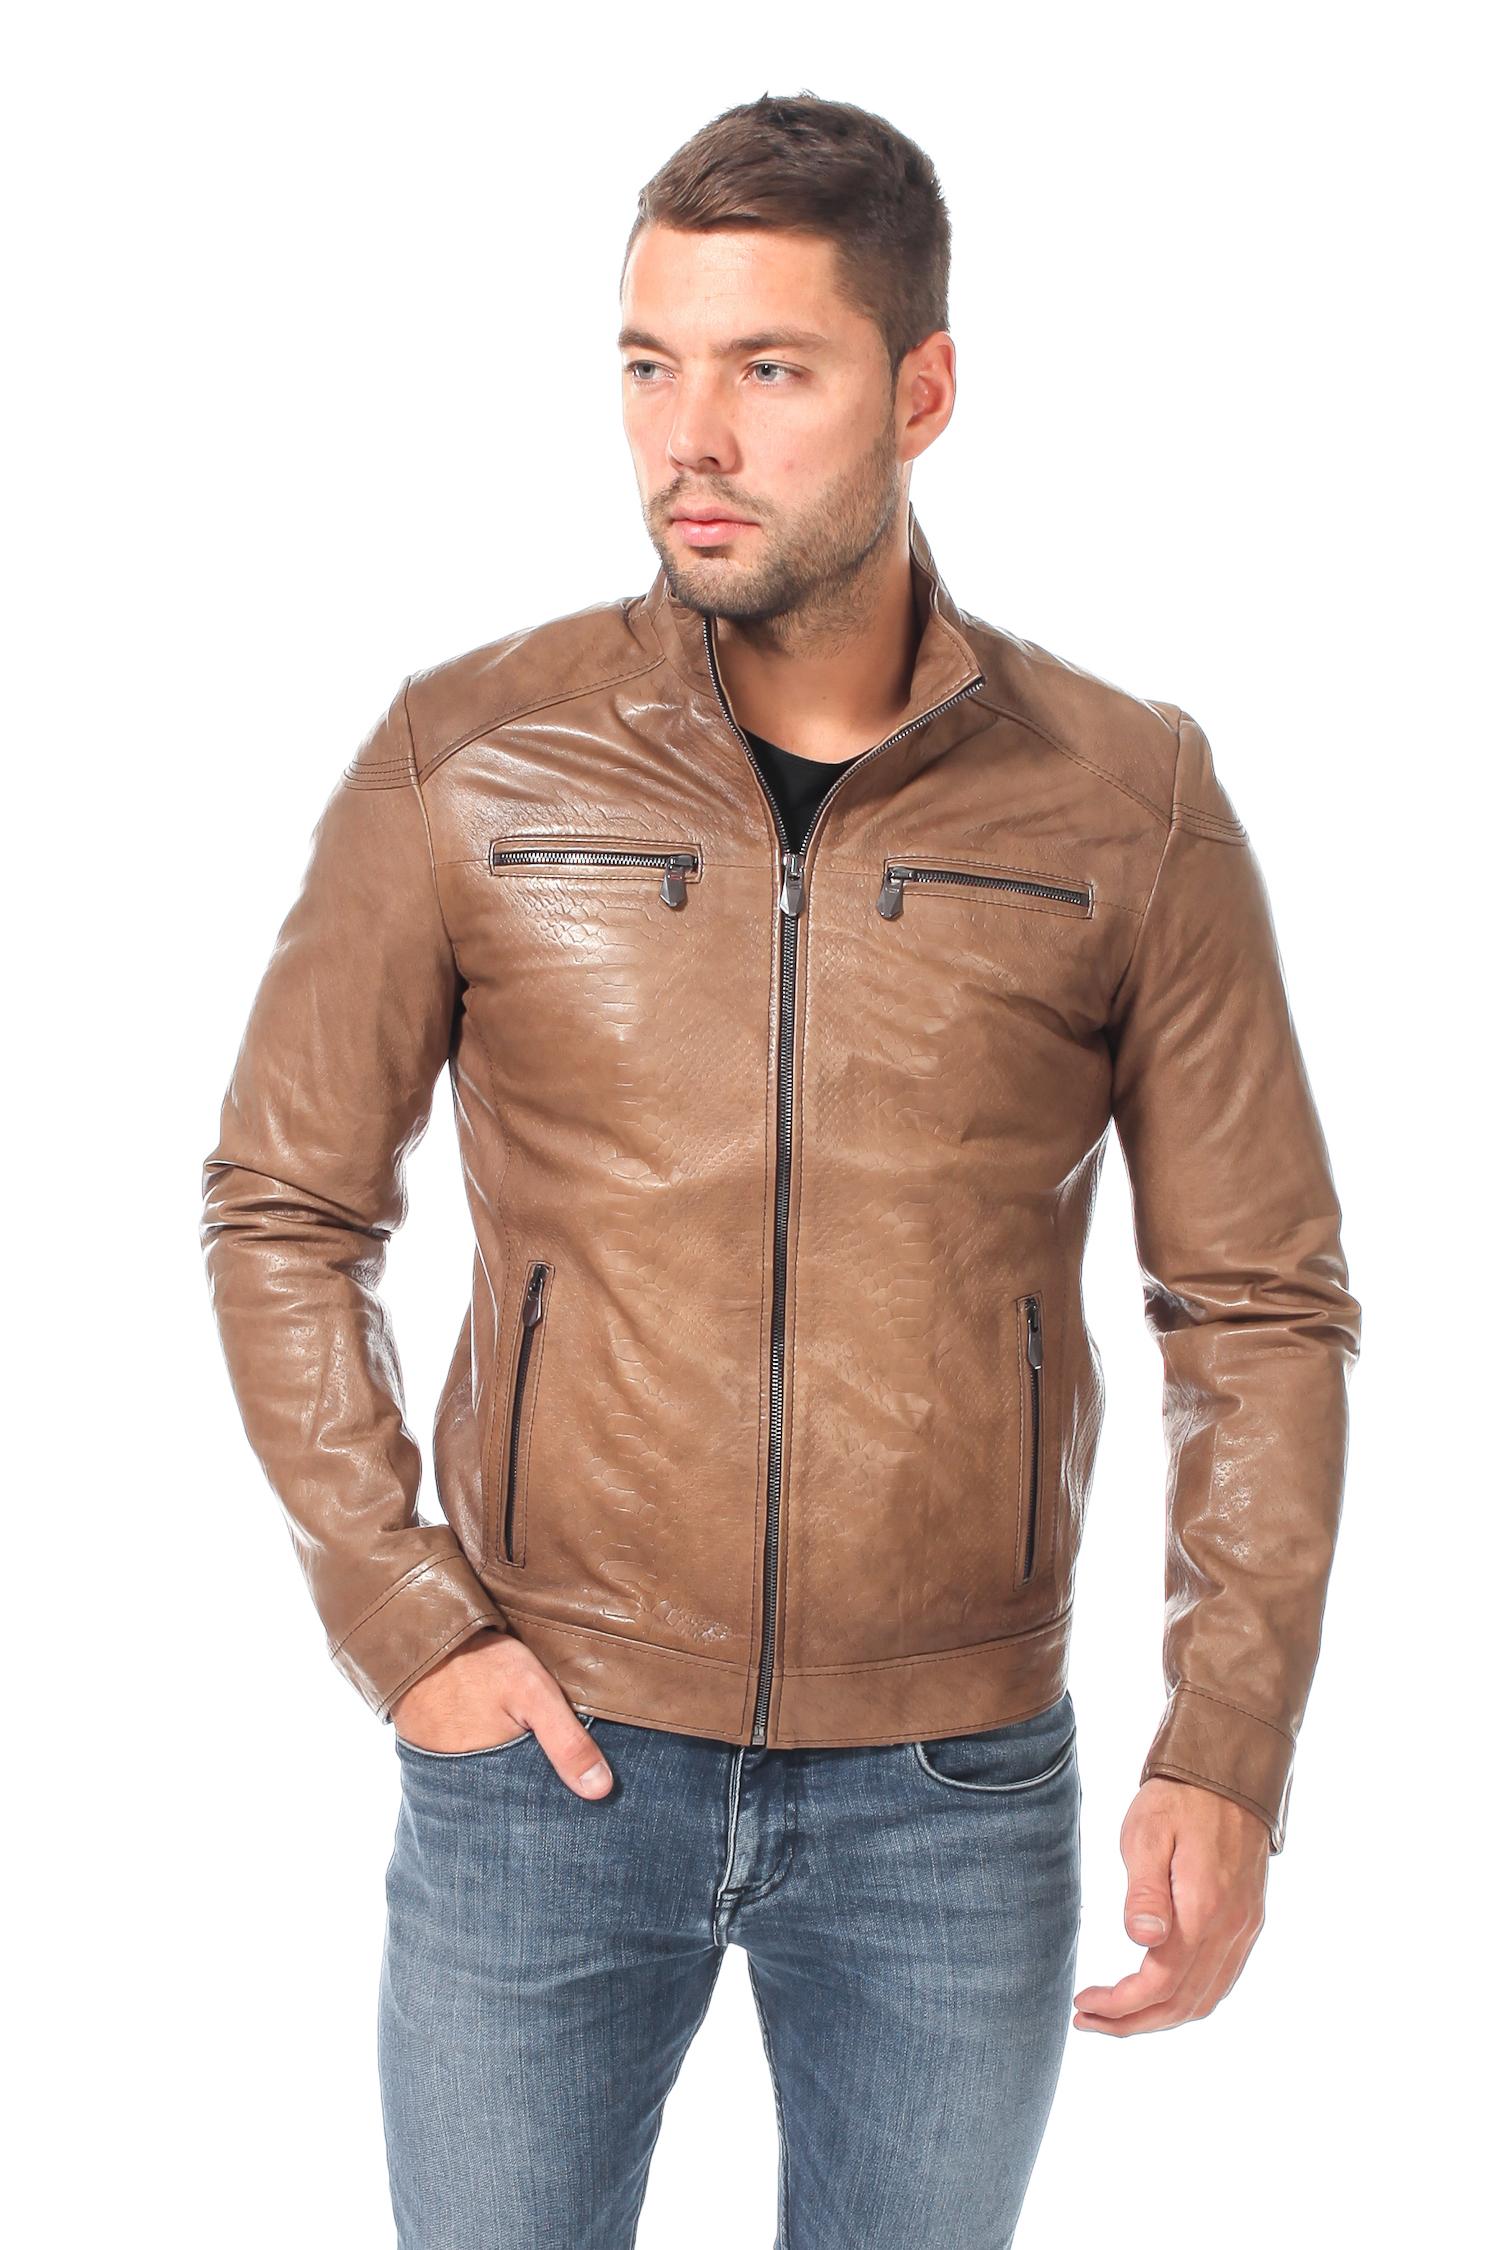 Мужская кожаная куртка из натуральной кожи с воротником, без отделки<br><br>Воротник: Стойка<br>Длина см: 70<br>Материал: Кожа<br>Цвет: Коричневый<br>Пол: Мужской